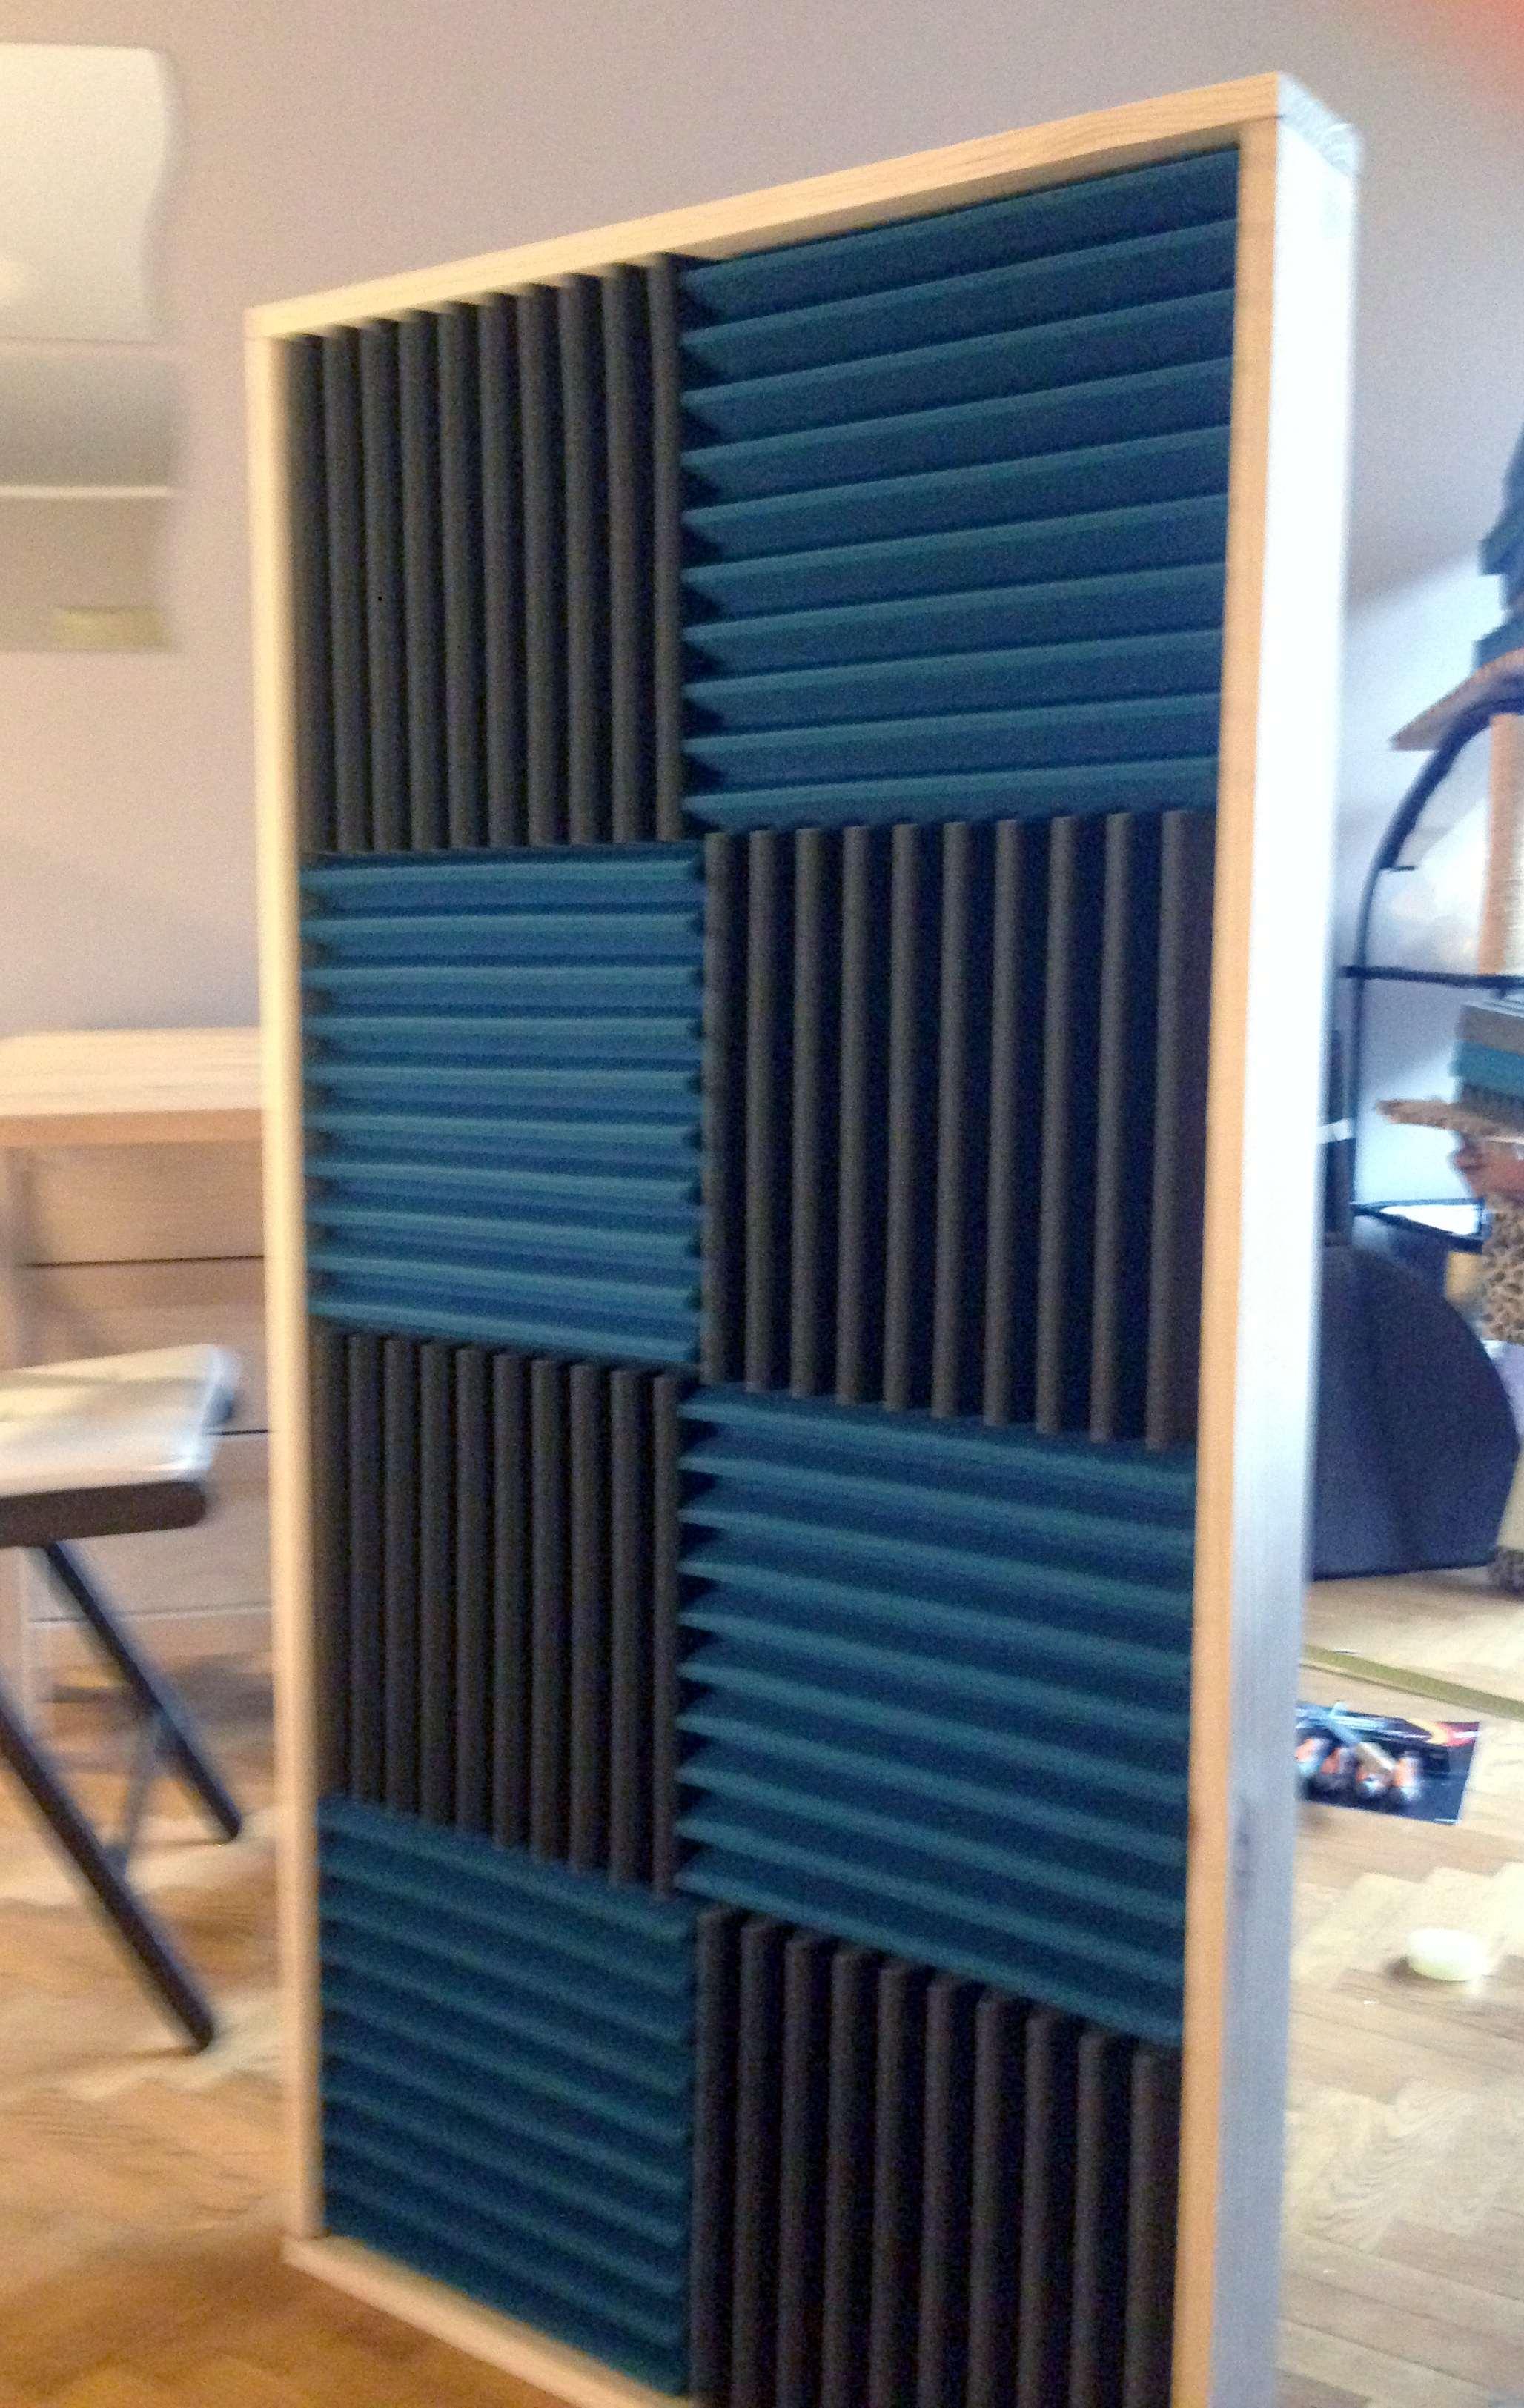 vends panneau acoustique mobile ile de france audiofanzine. Black Bedroom Furniture Sets. Home Design Ideas